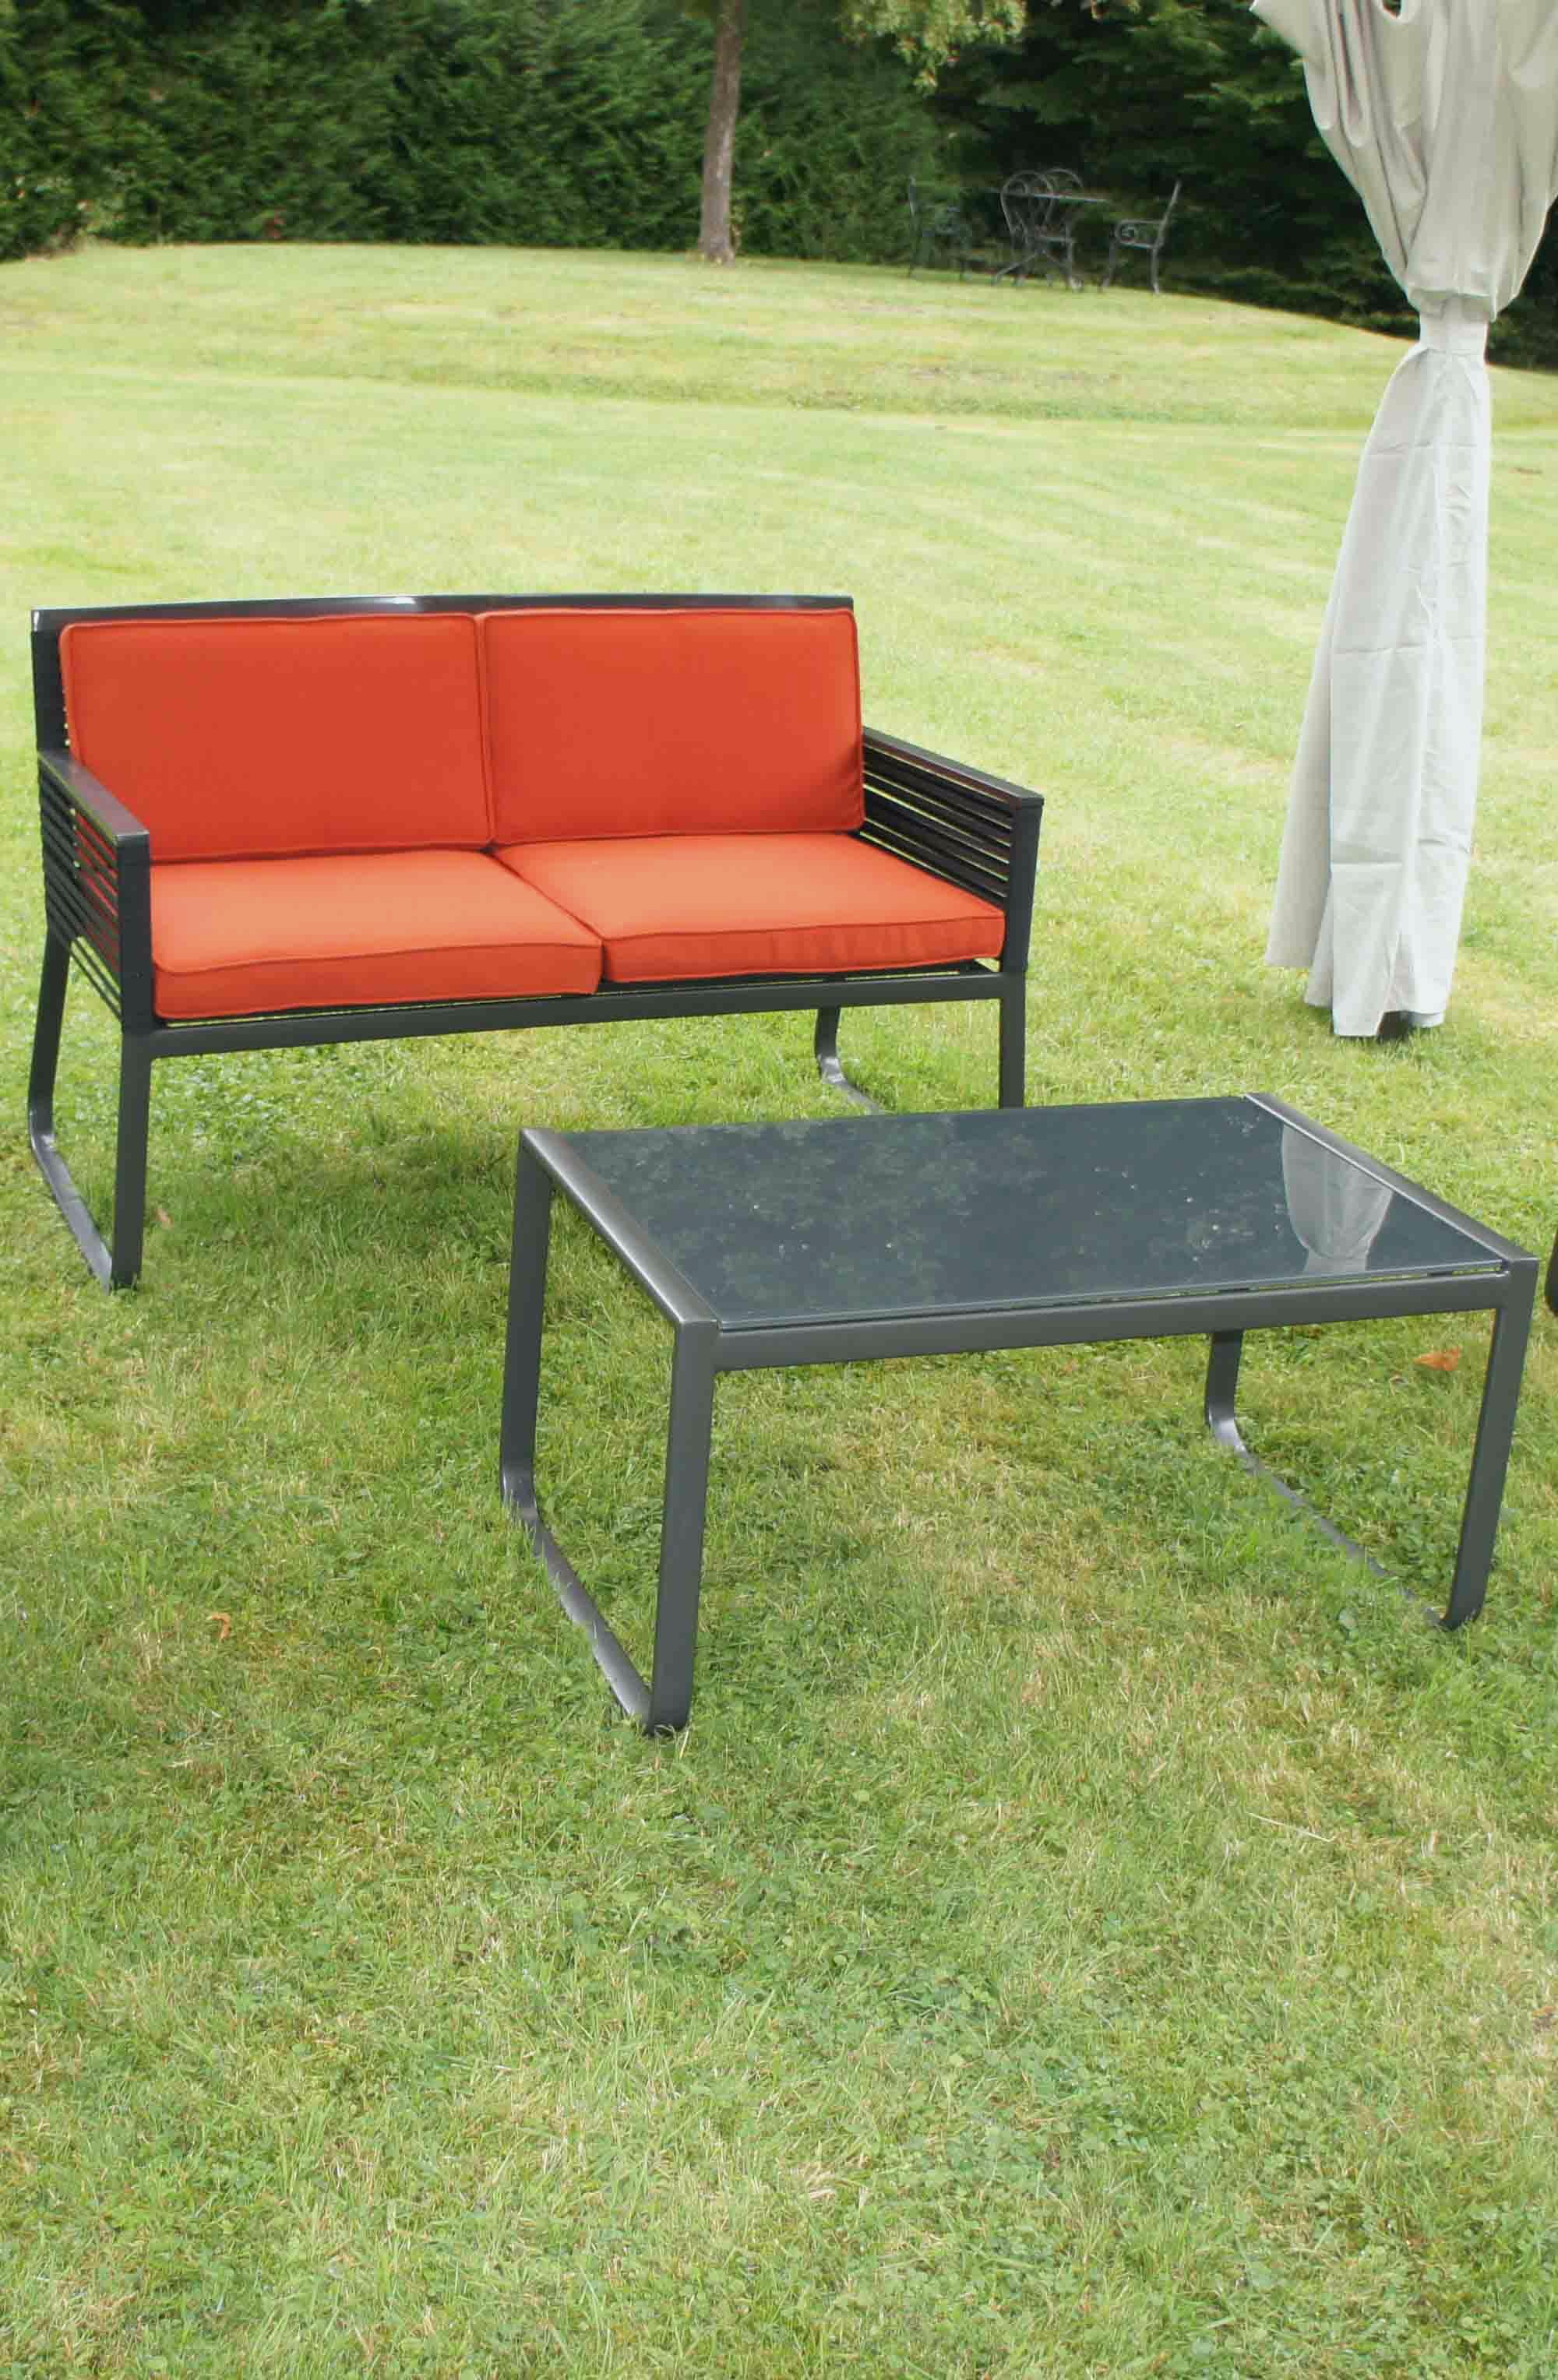 Salon De Jardin Pas Cher Auchan Beau Stock Emejing Table De Jardin Resine Auchan S Amazing House Design